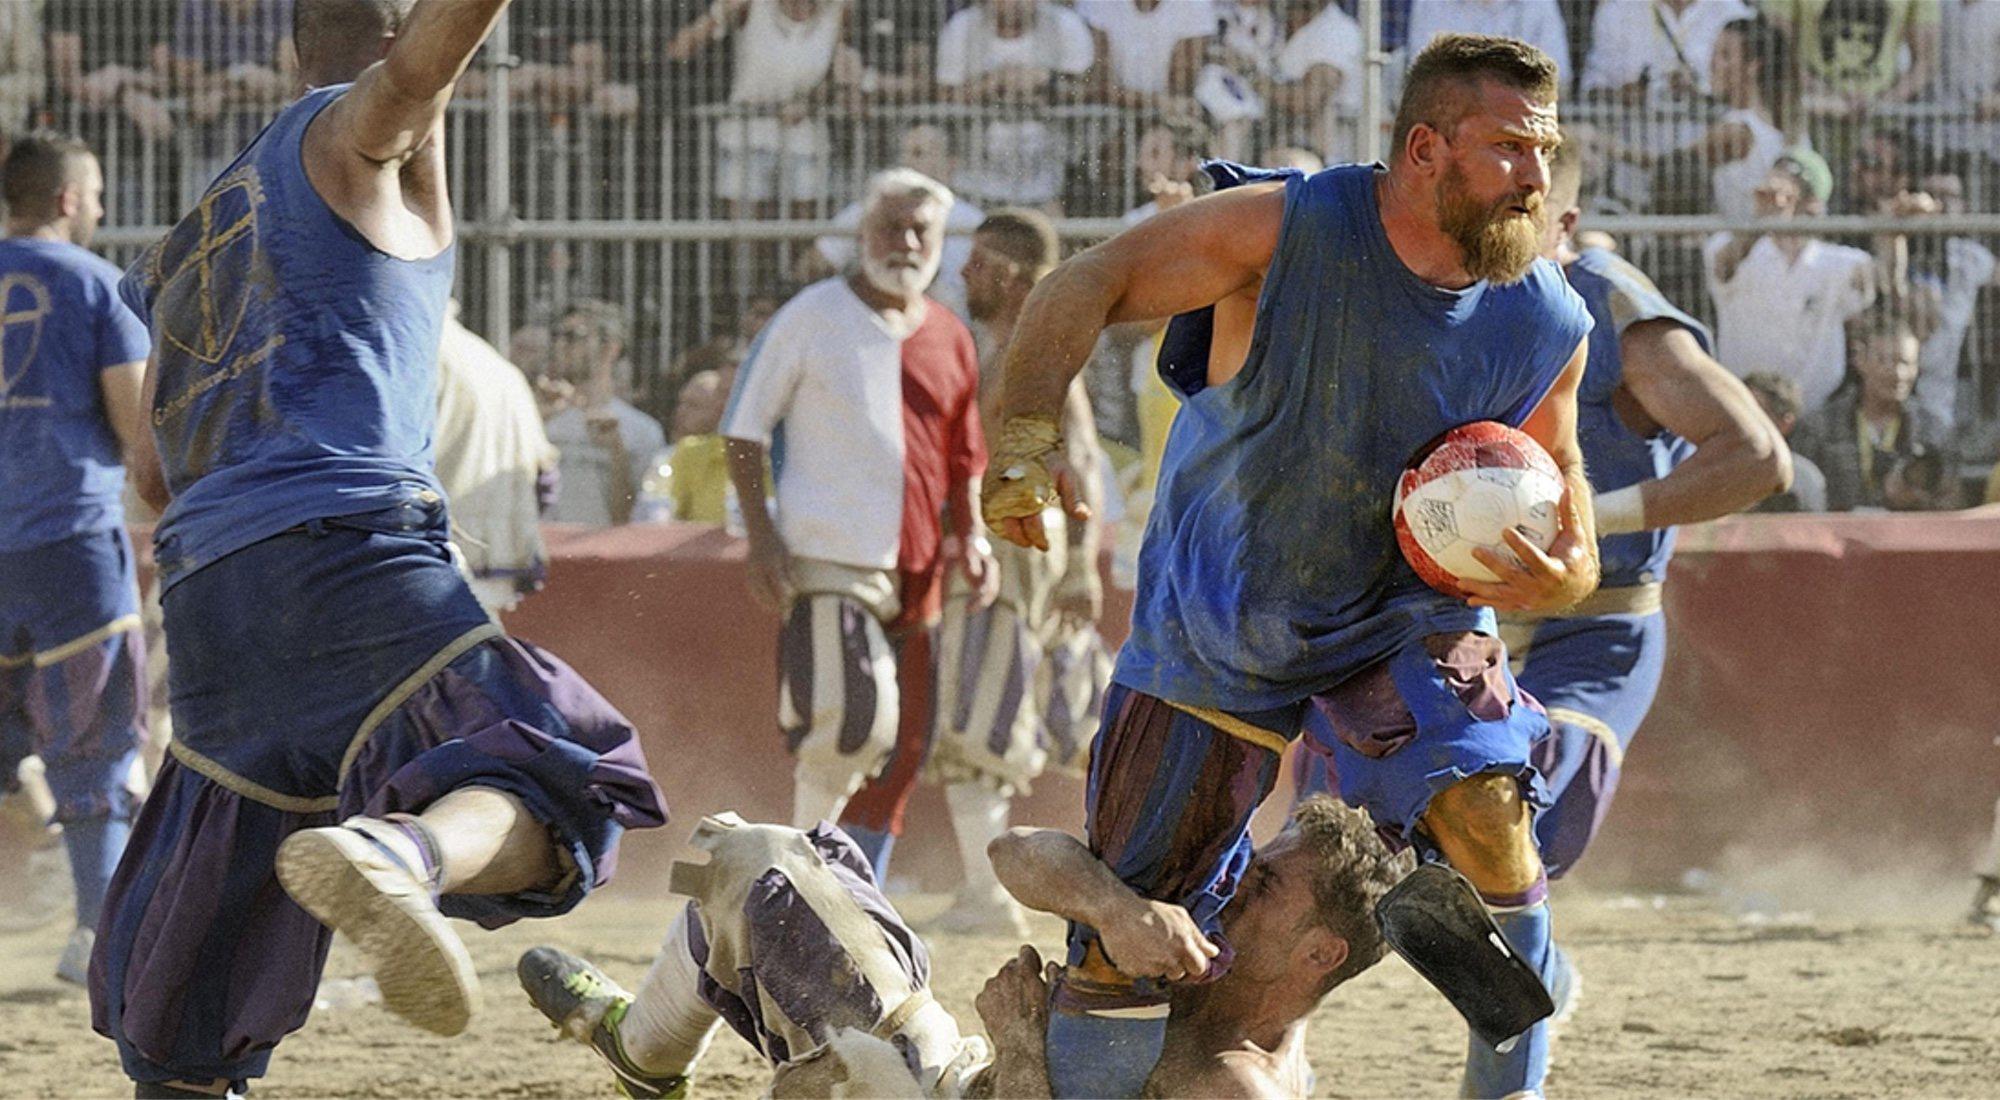 Calcio Storico Fiorentino: el violento deporte de Florencia... ¿precursor del fútbol?